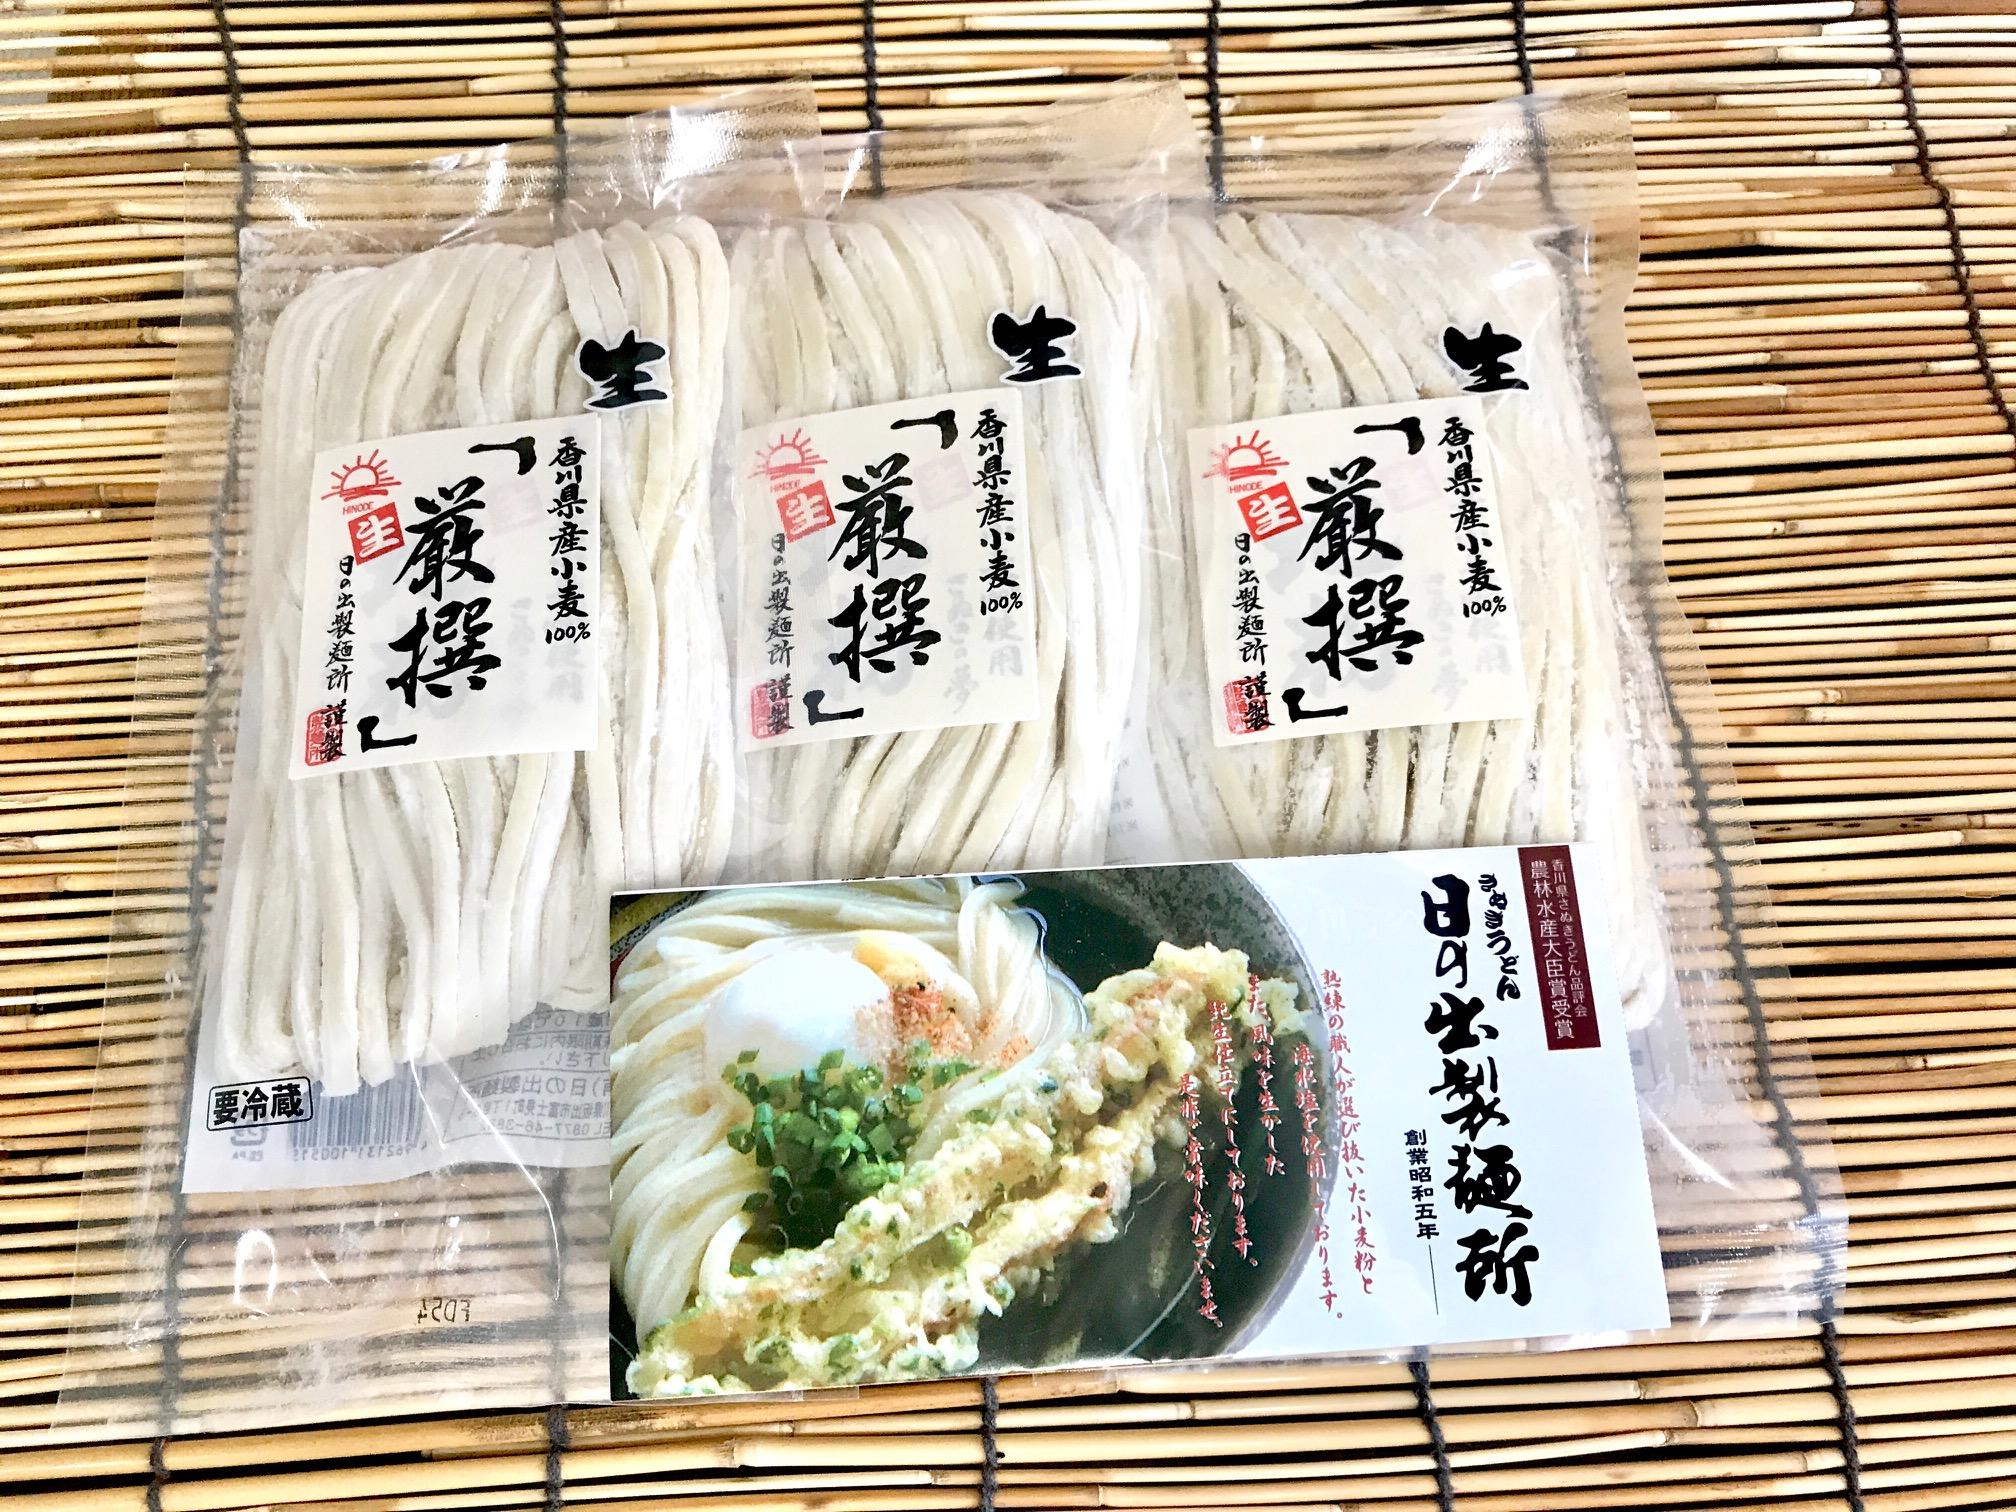 厳撰100%使用生うどん(麺のみ)300g×3袋